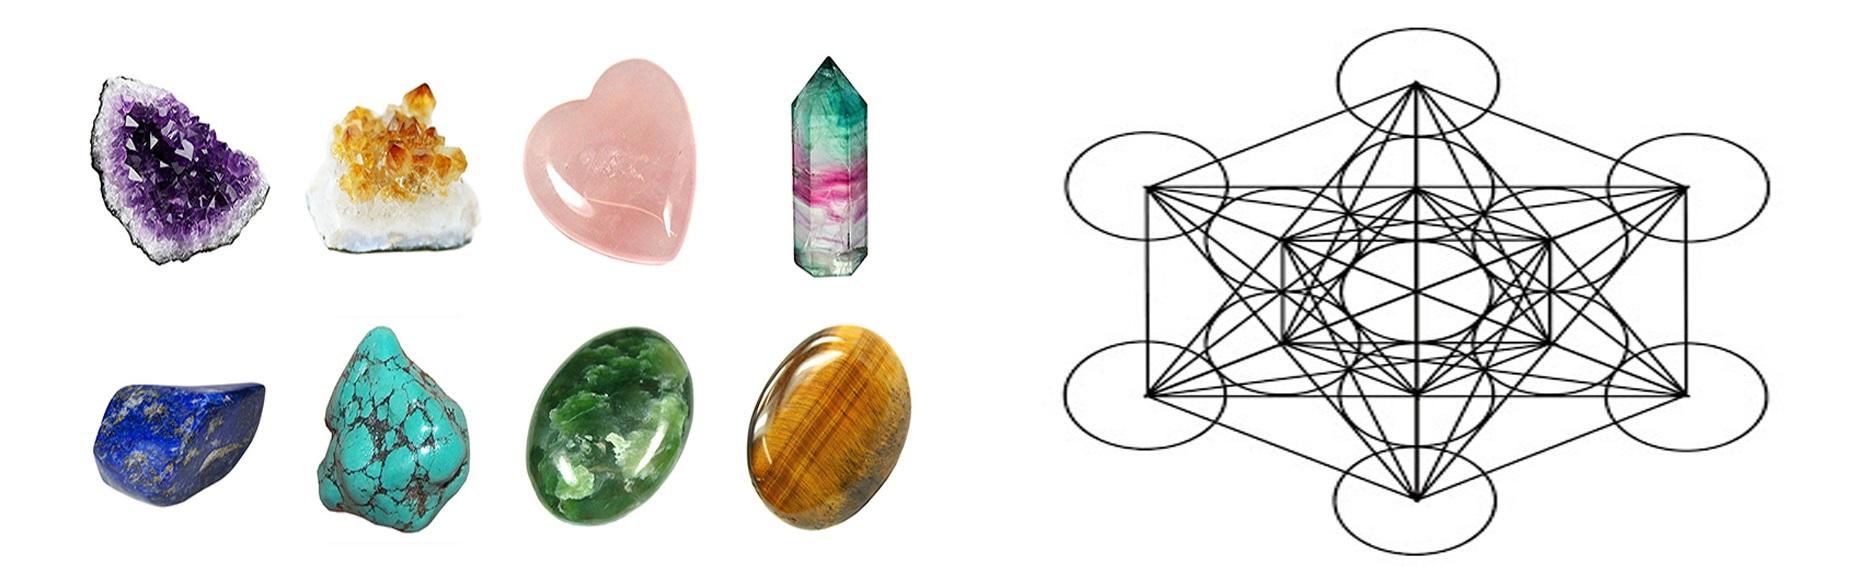 cristalele pietre semipretioase